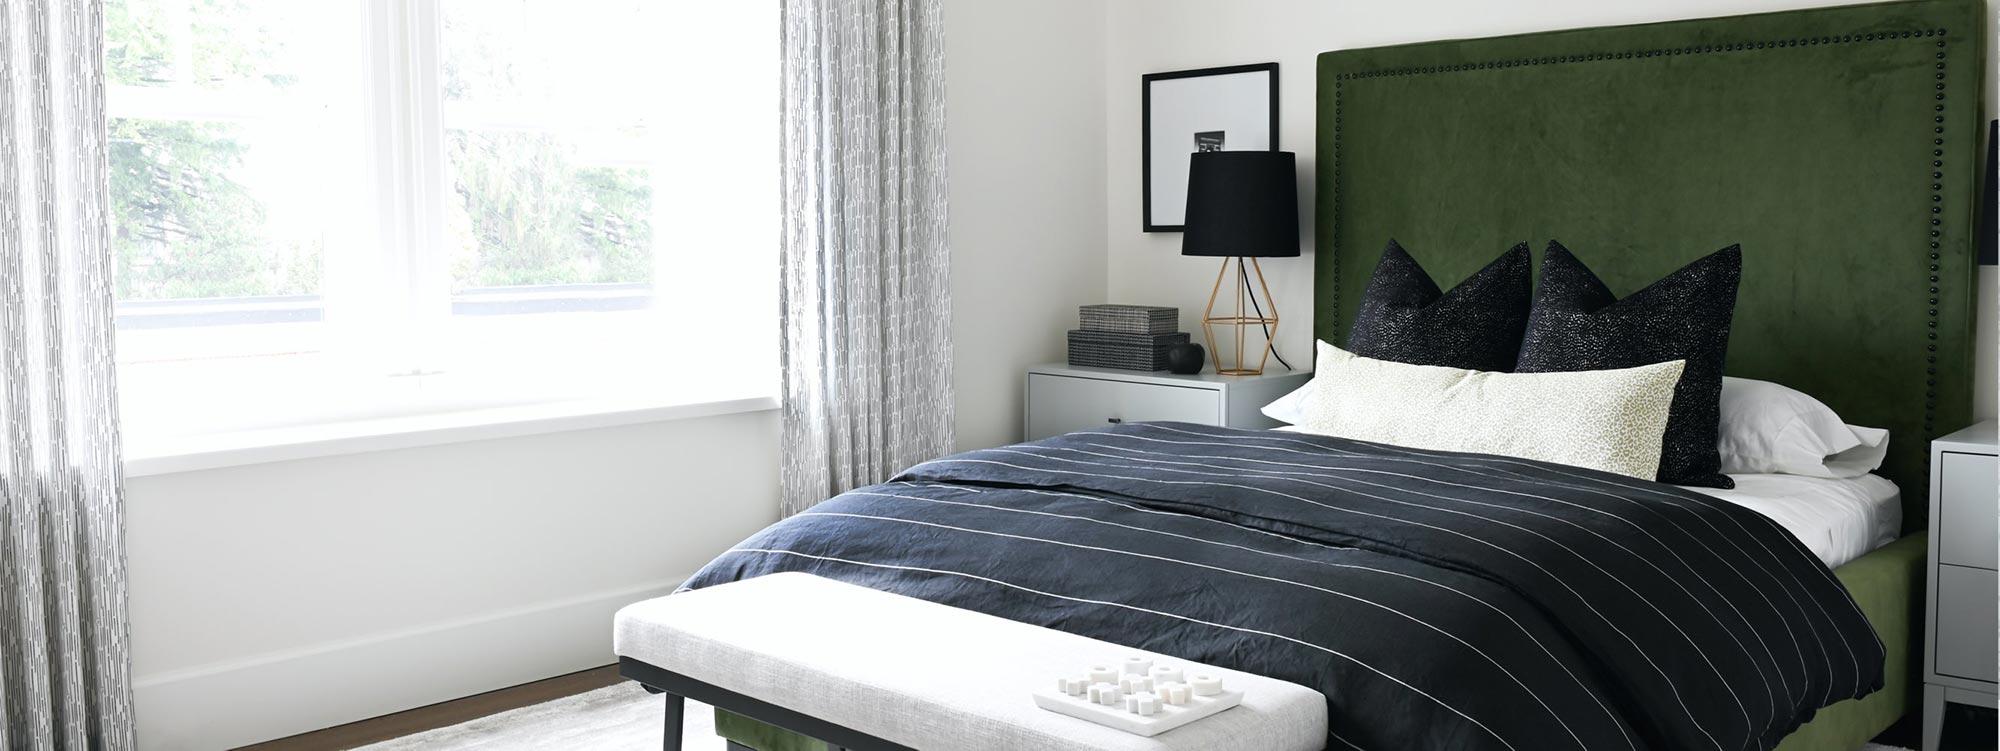 Maria DeCotiis Interior Design Blog